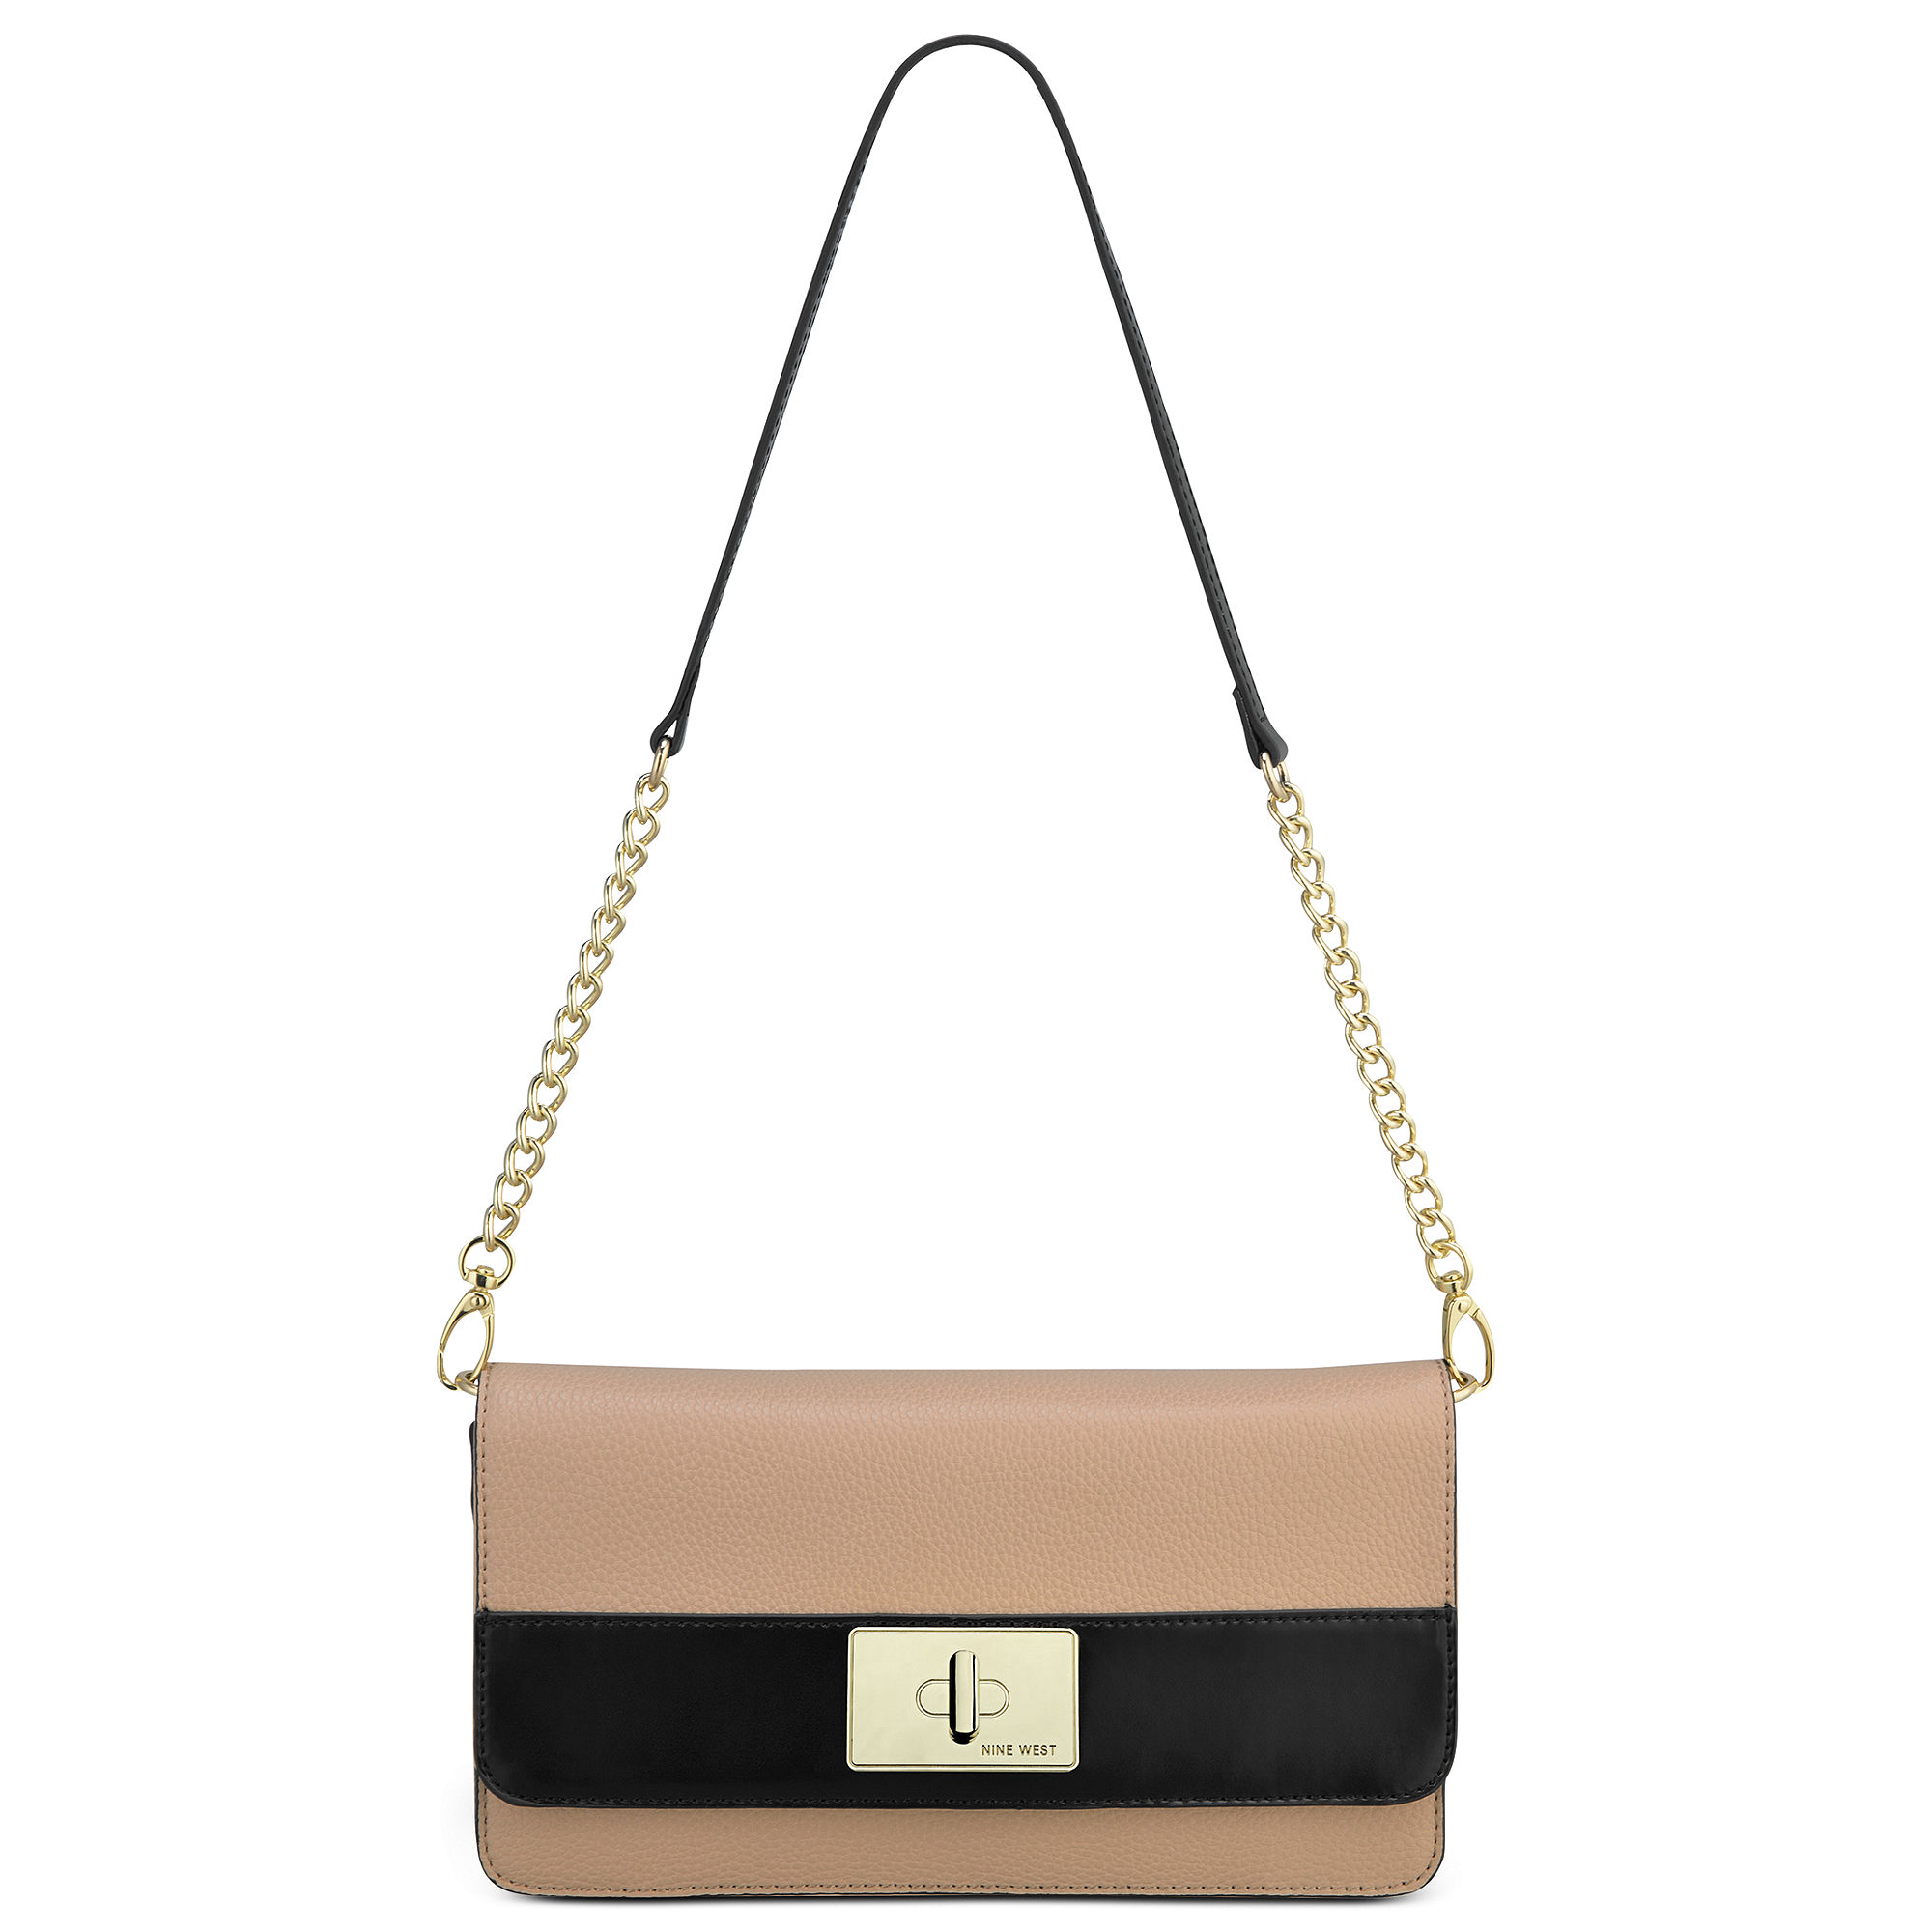 Nine west Pop Diva Clutch Shoulder Bag in Metallic | Lyst